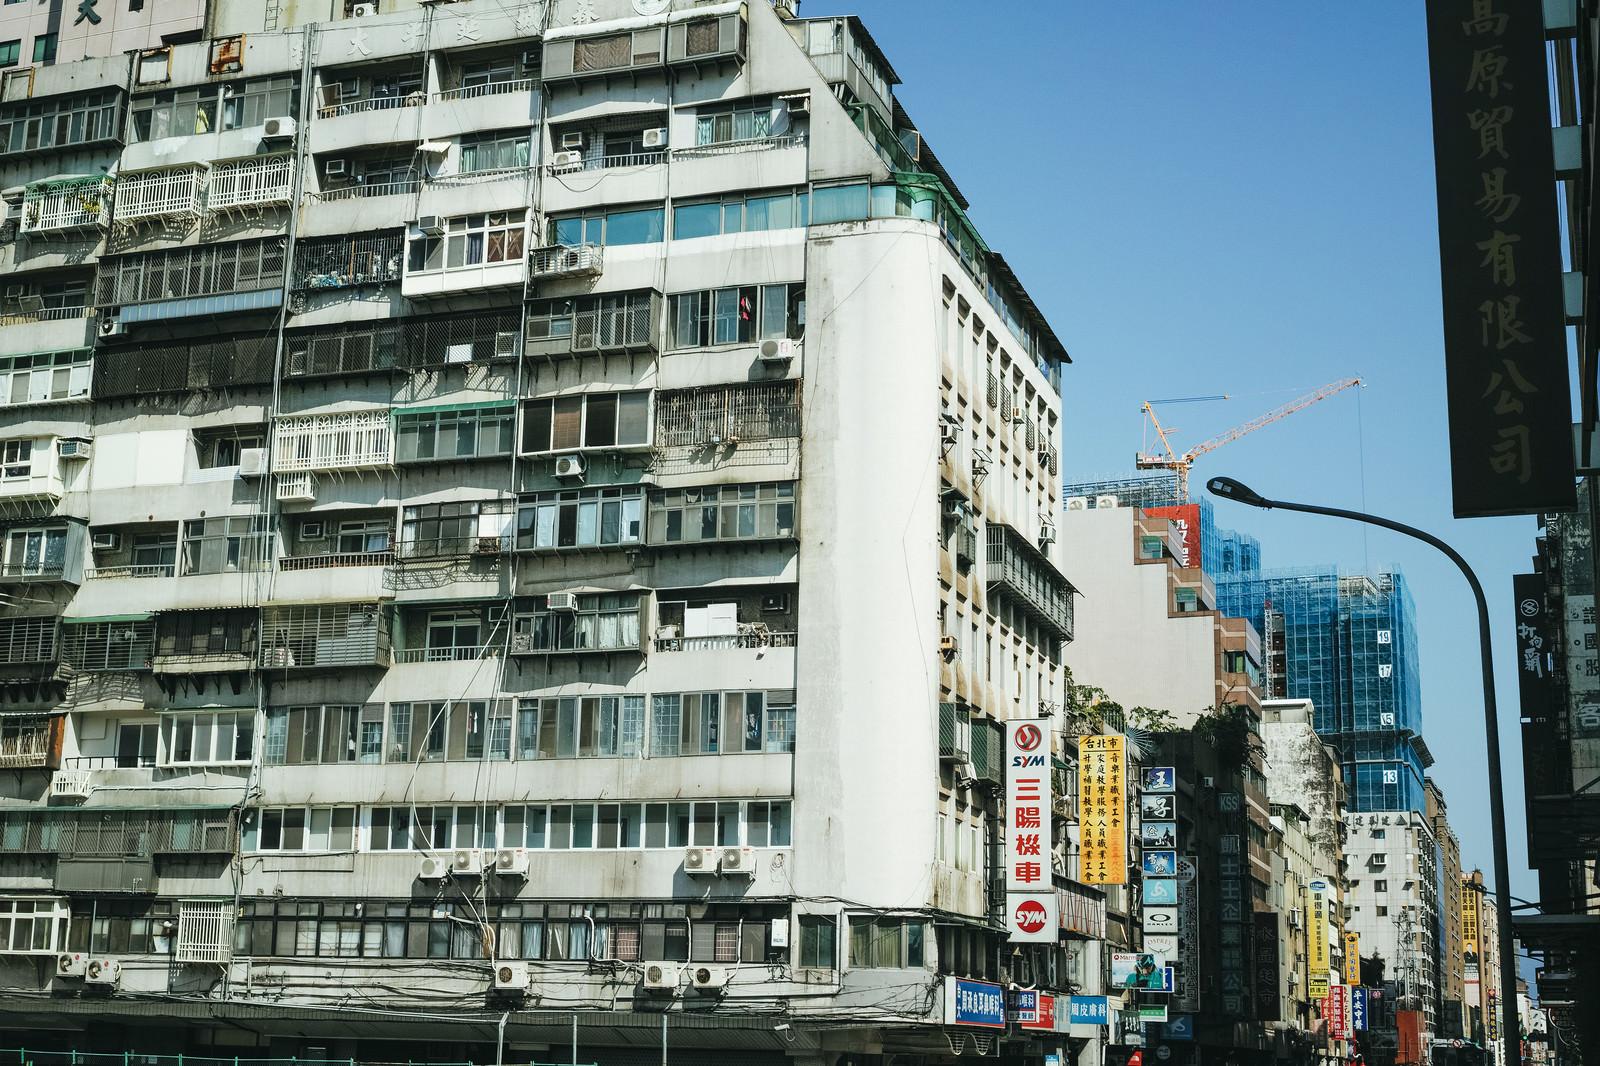 「タイペイの市街地の看板(台湾)」の写真